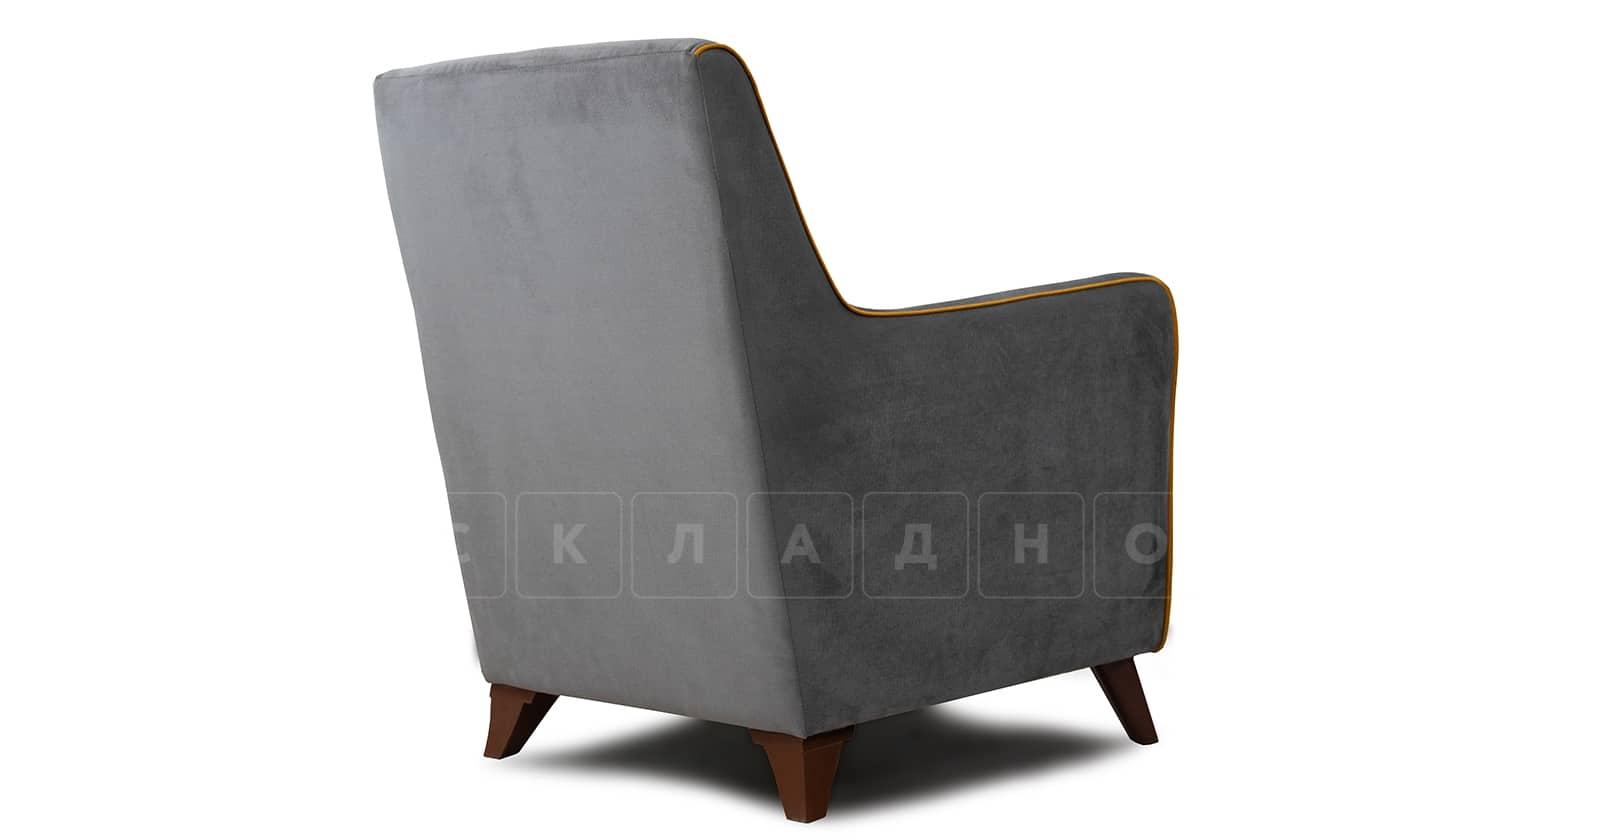 Кресло для отдыха Флэтфорд кварцевый серый фото 4   интернет-магазин Складно